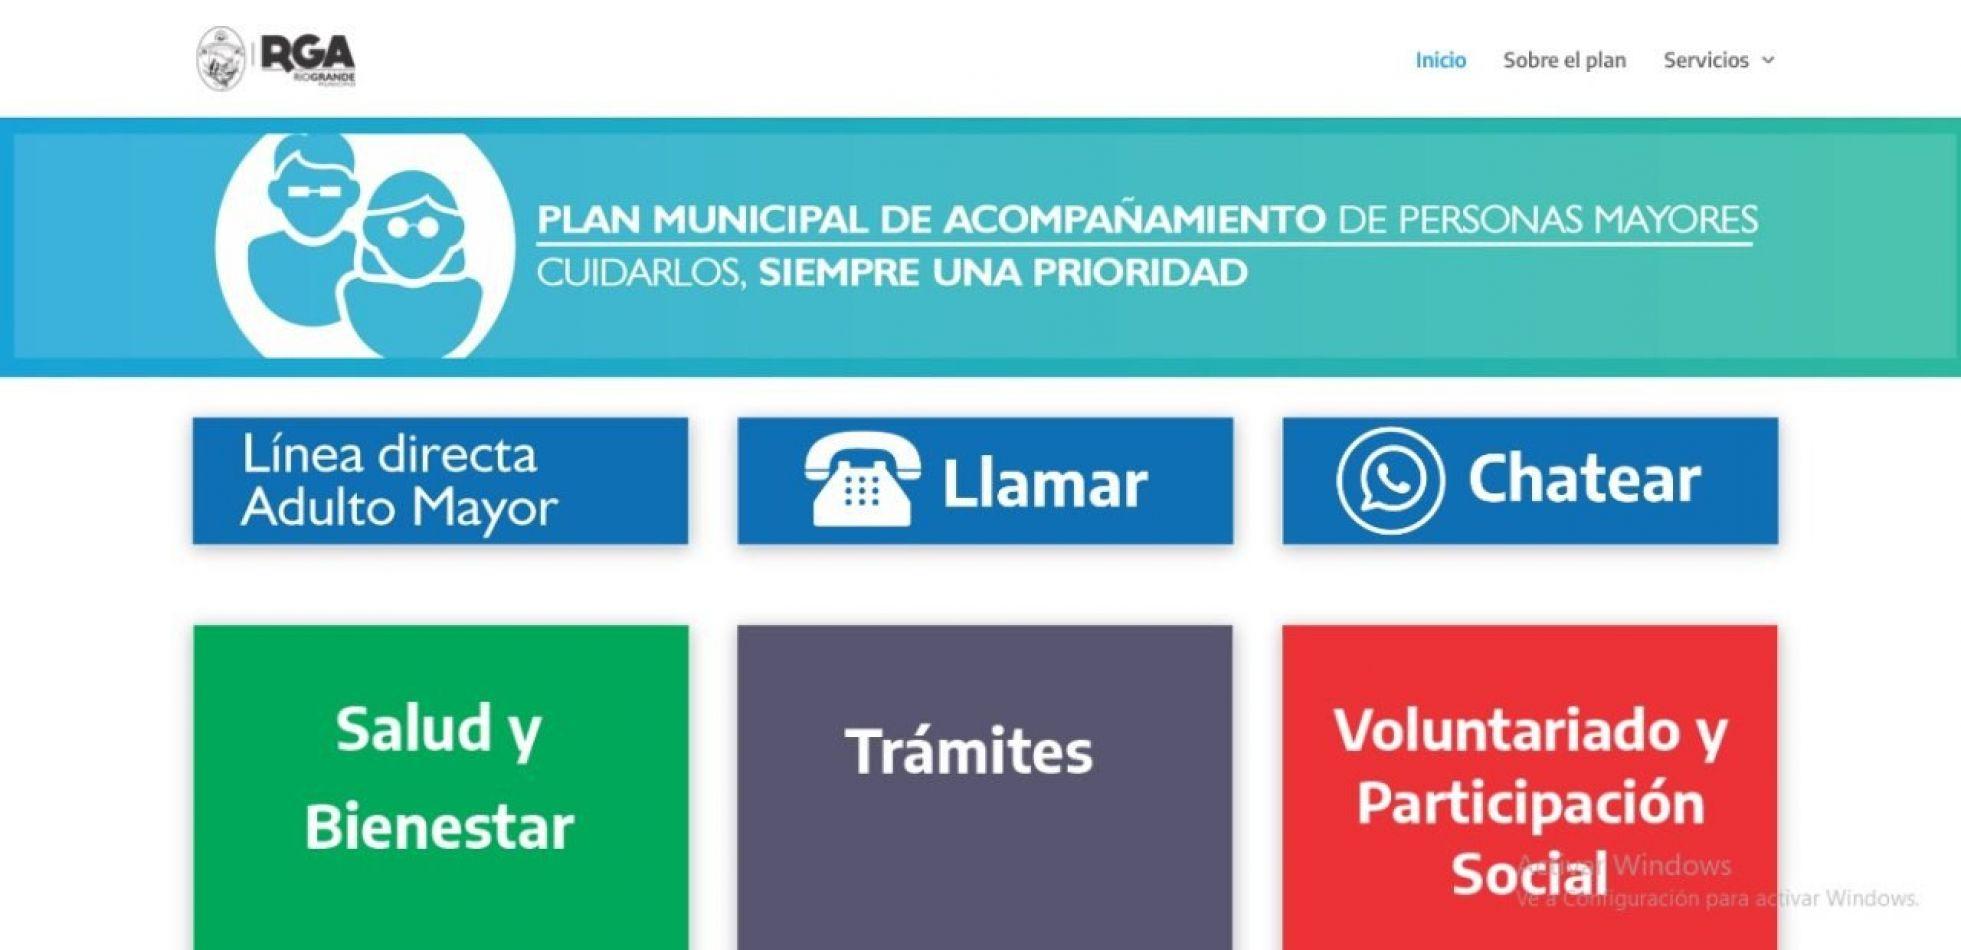 Plan de Acompañamiento de Personas Mayores', que impulsa el Municipio de Río Grande.